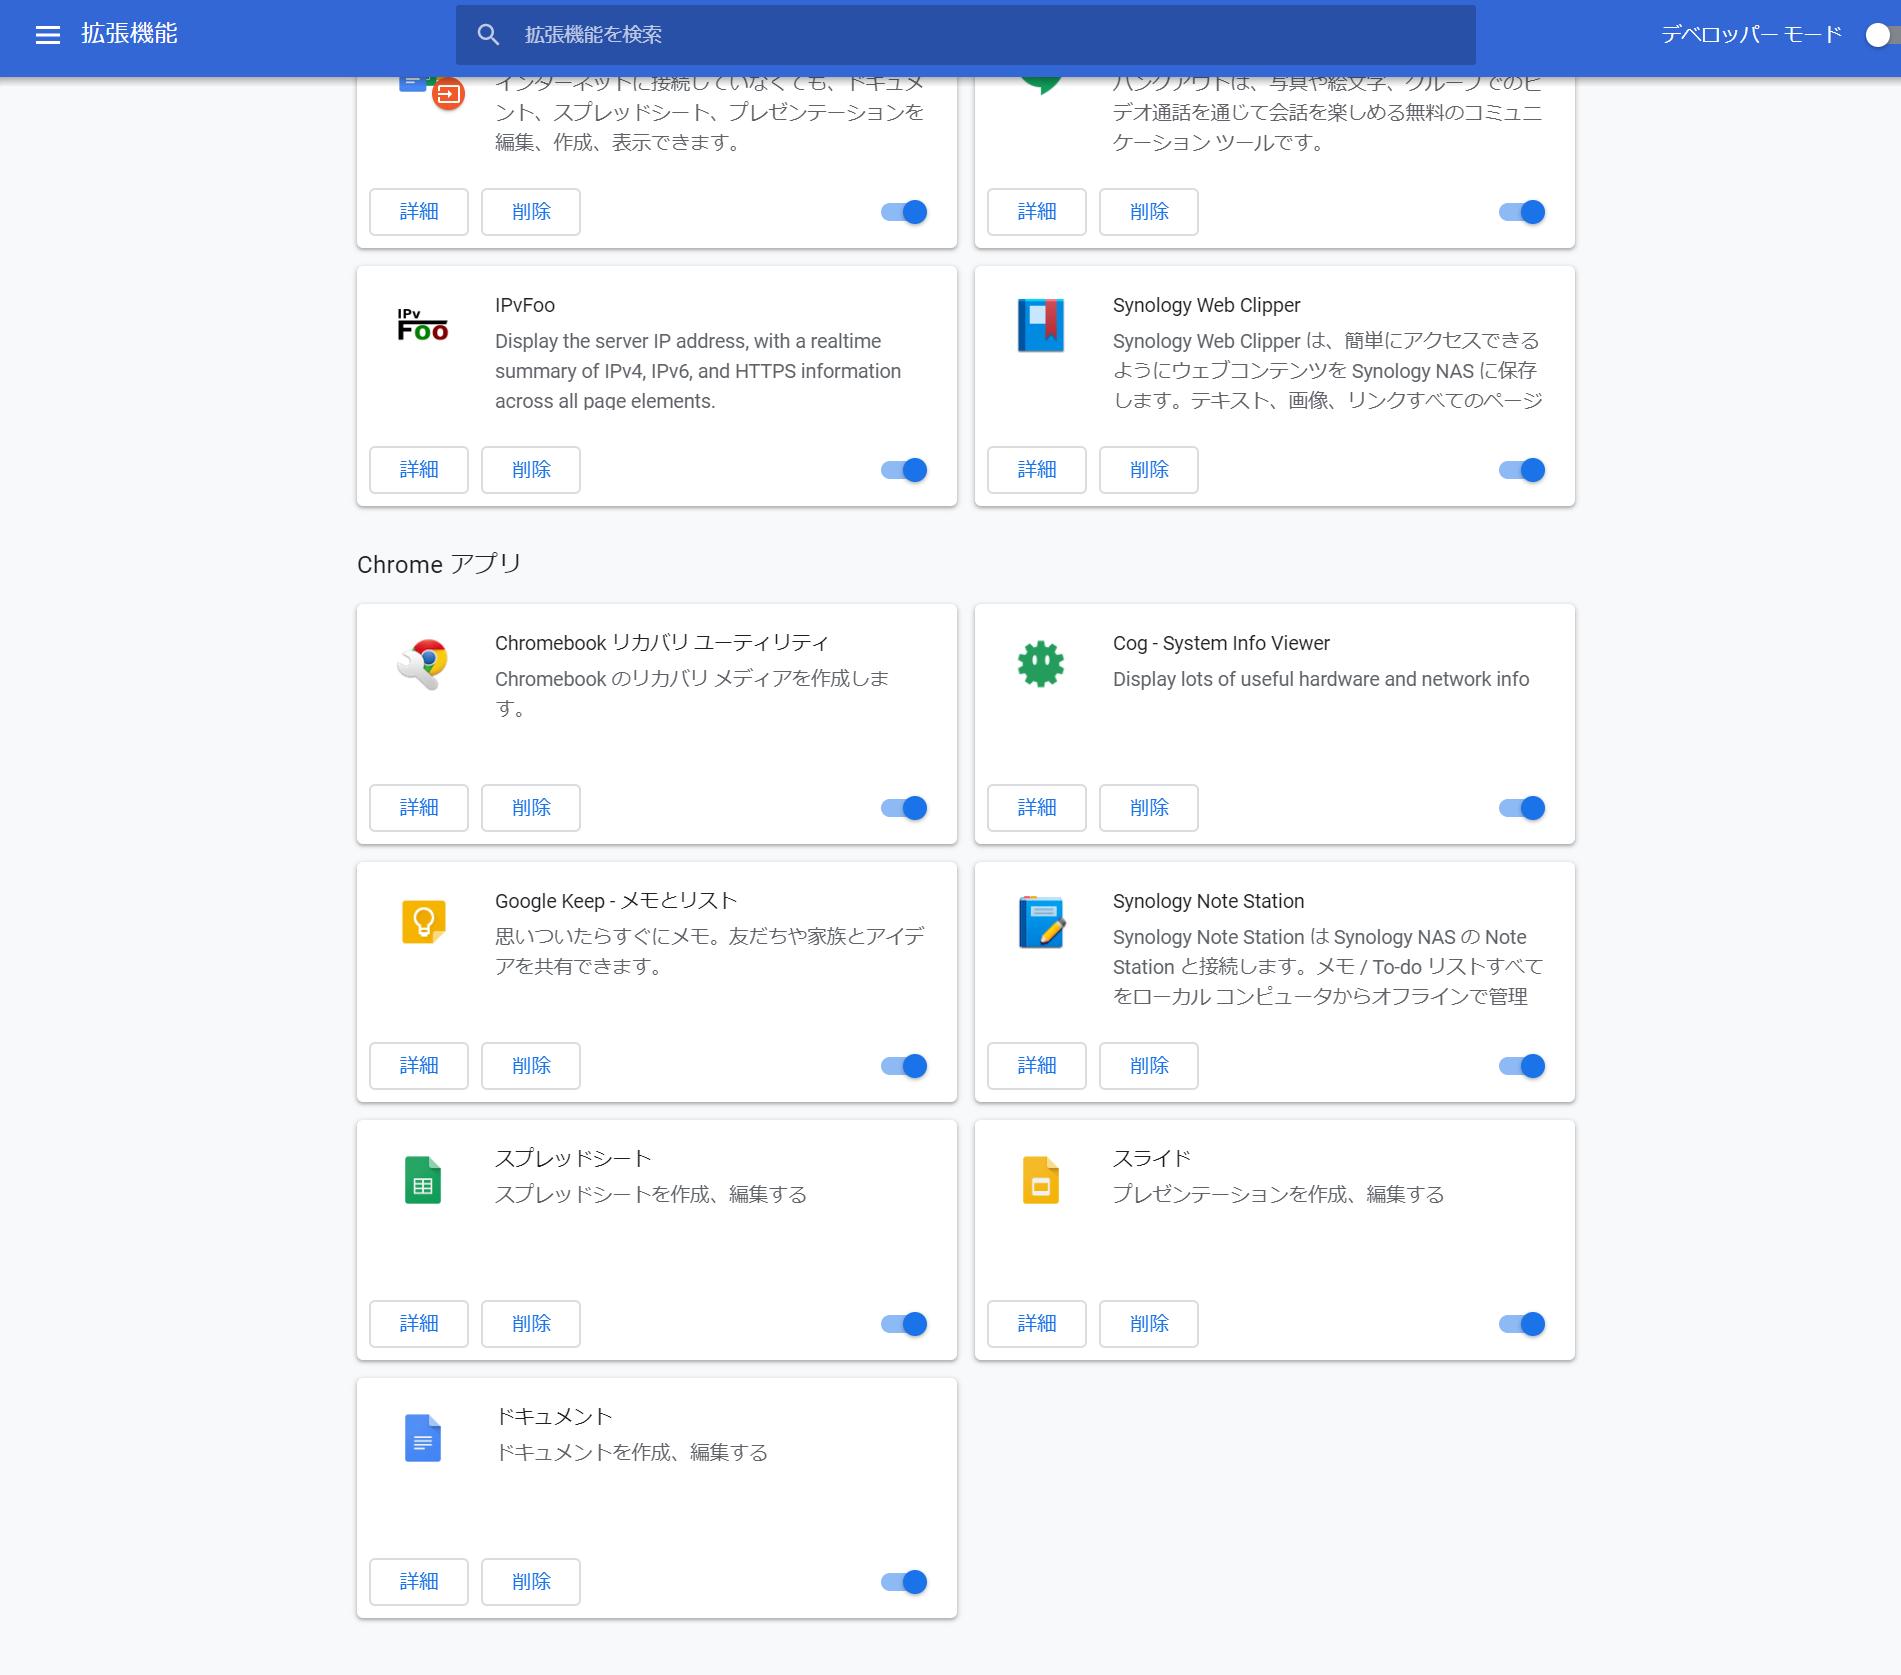 [かぶ雑感] 2022年に終了する「Chromeアプリ」って何のこと?誤解を生みやすい話題なので、少し説明してみます。